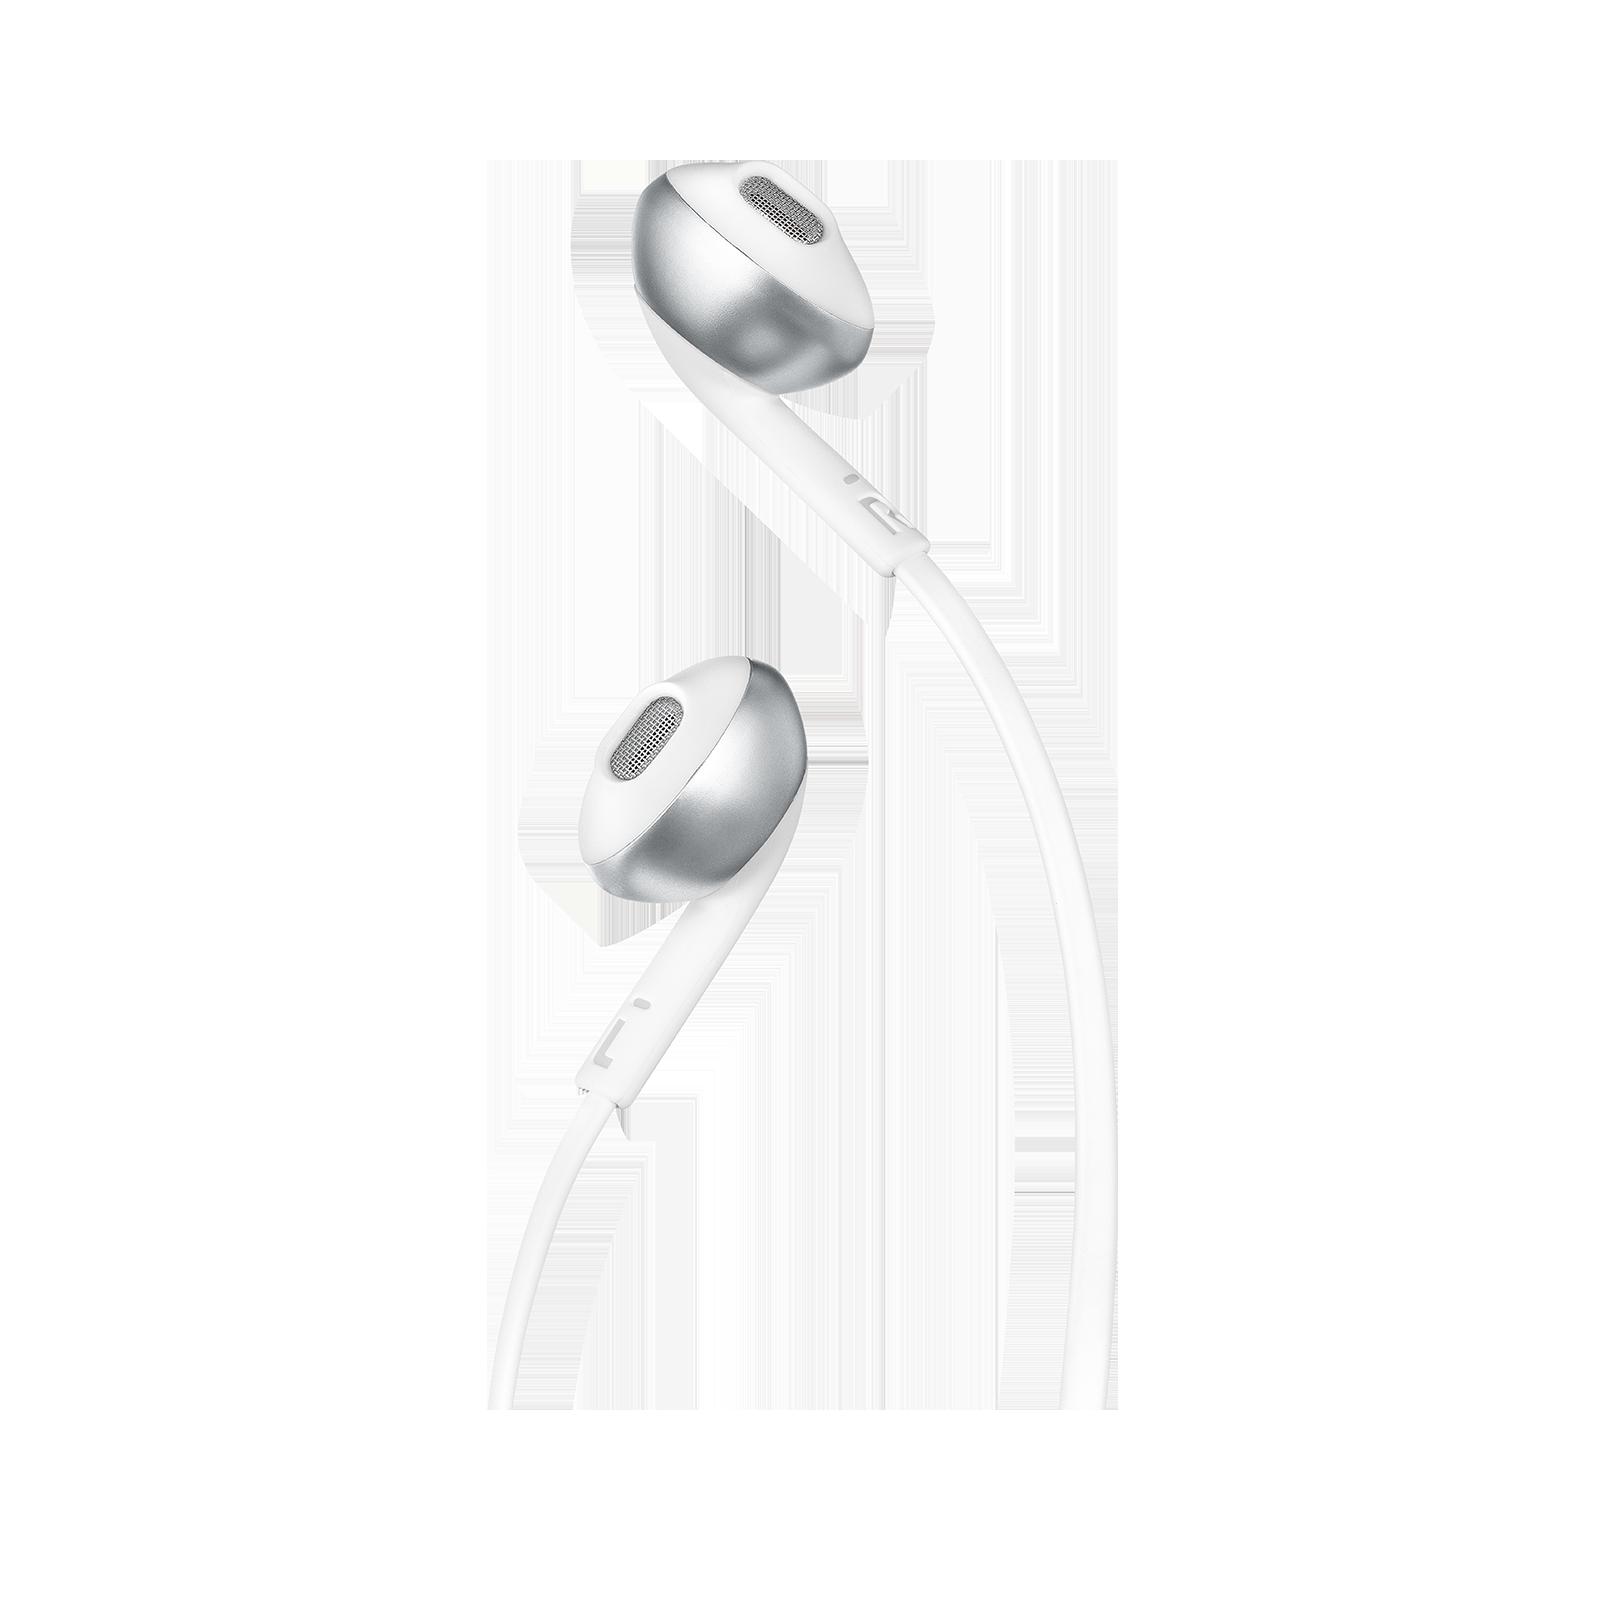 JBL TUNE 205BT - Silver - Wireless Earbud headphones - Detailshot 1